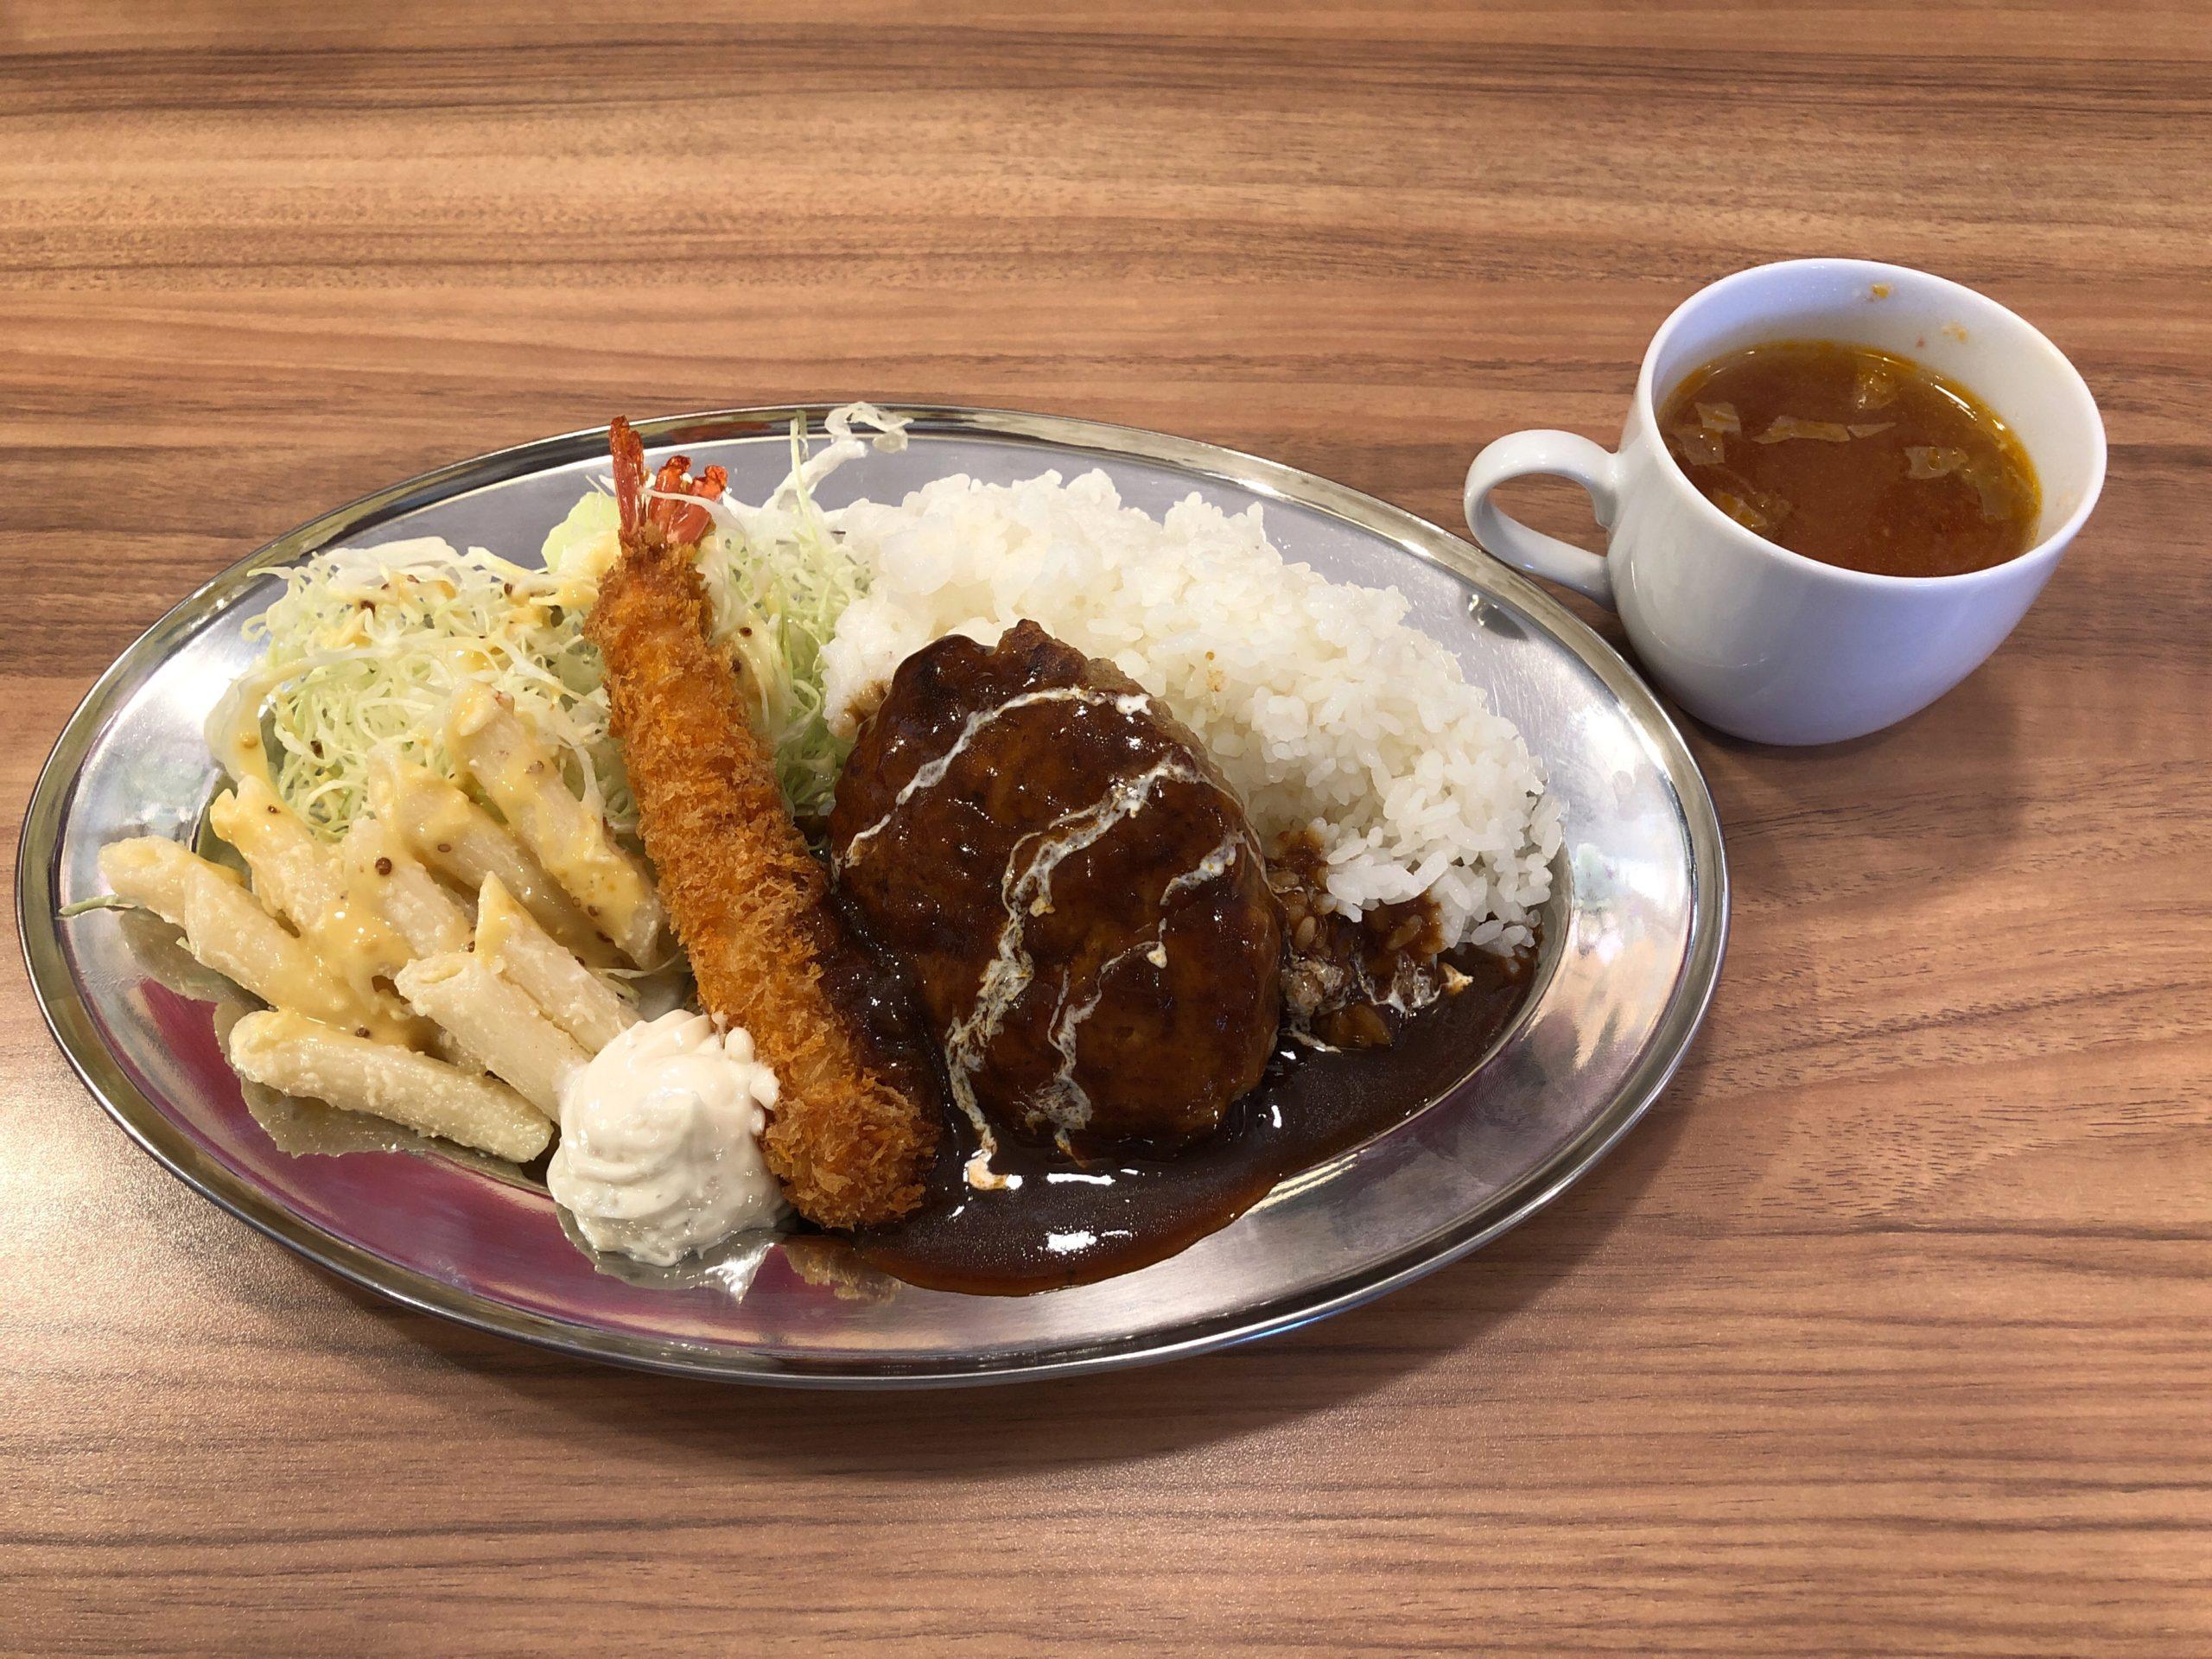 鶴田方面に11月14日オープンした洋食屋さん「Bee'sKitchen(ビーズキッチン)」に初訪問、ハンバーグとエビフライプレートを食べてきました